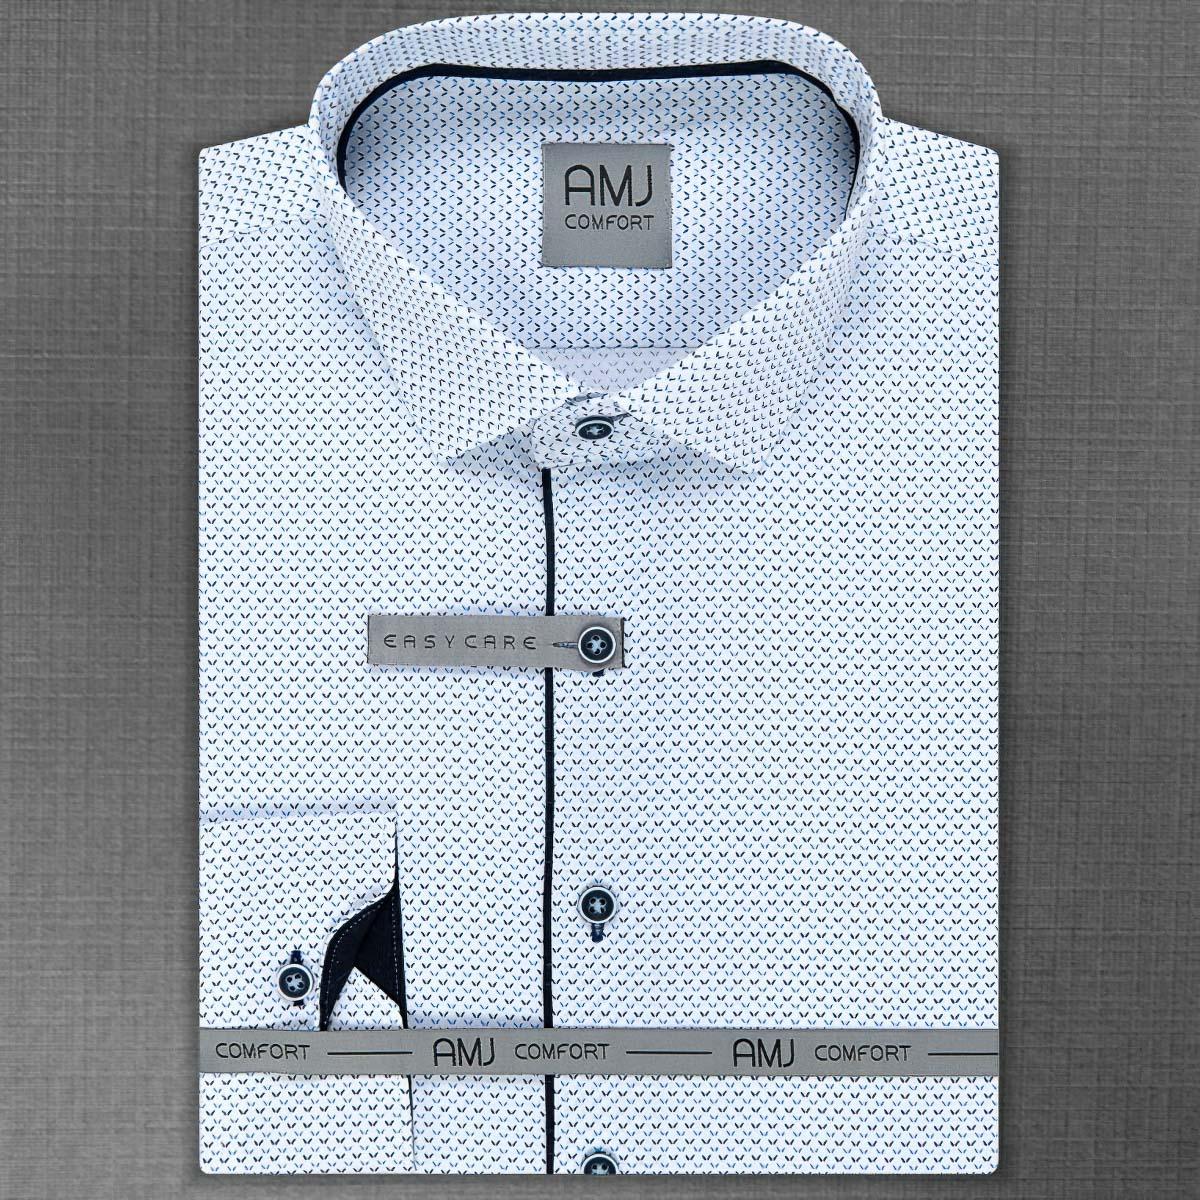 Pánská košile AMJ bavlněná, bílá čárkovaná VDBR1036, dlouhý rukáv